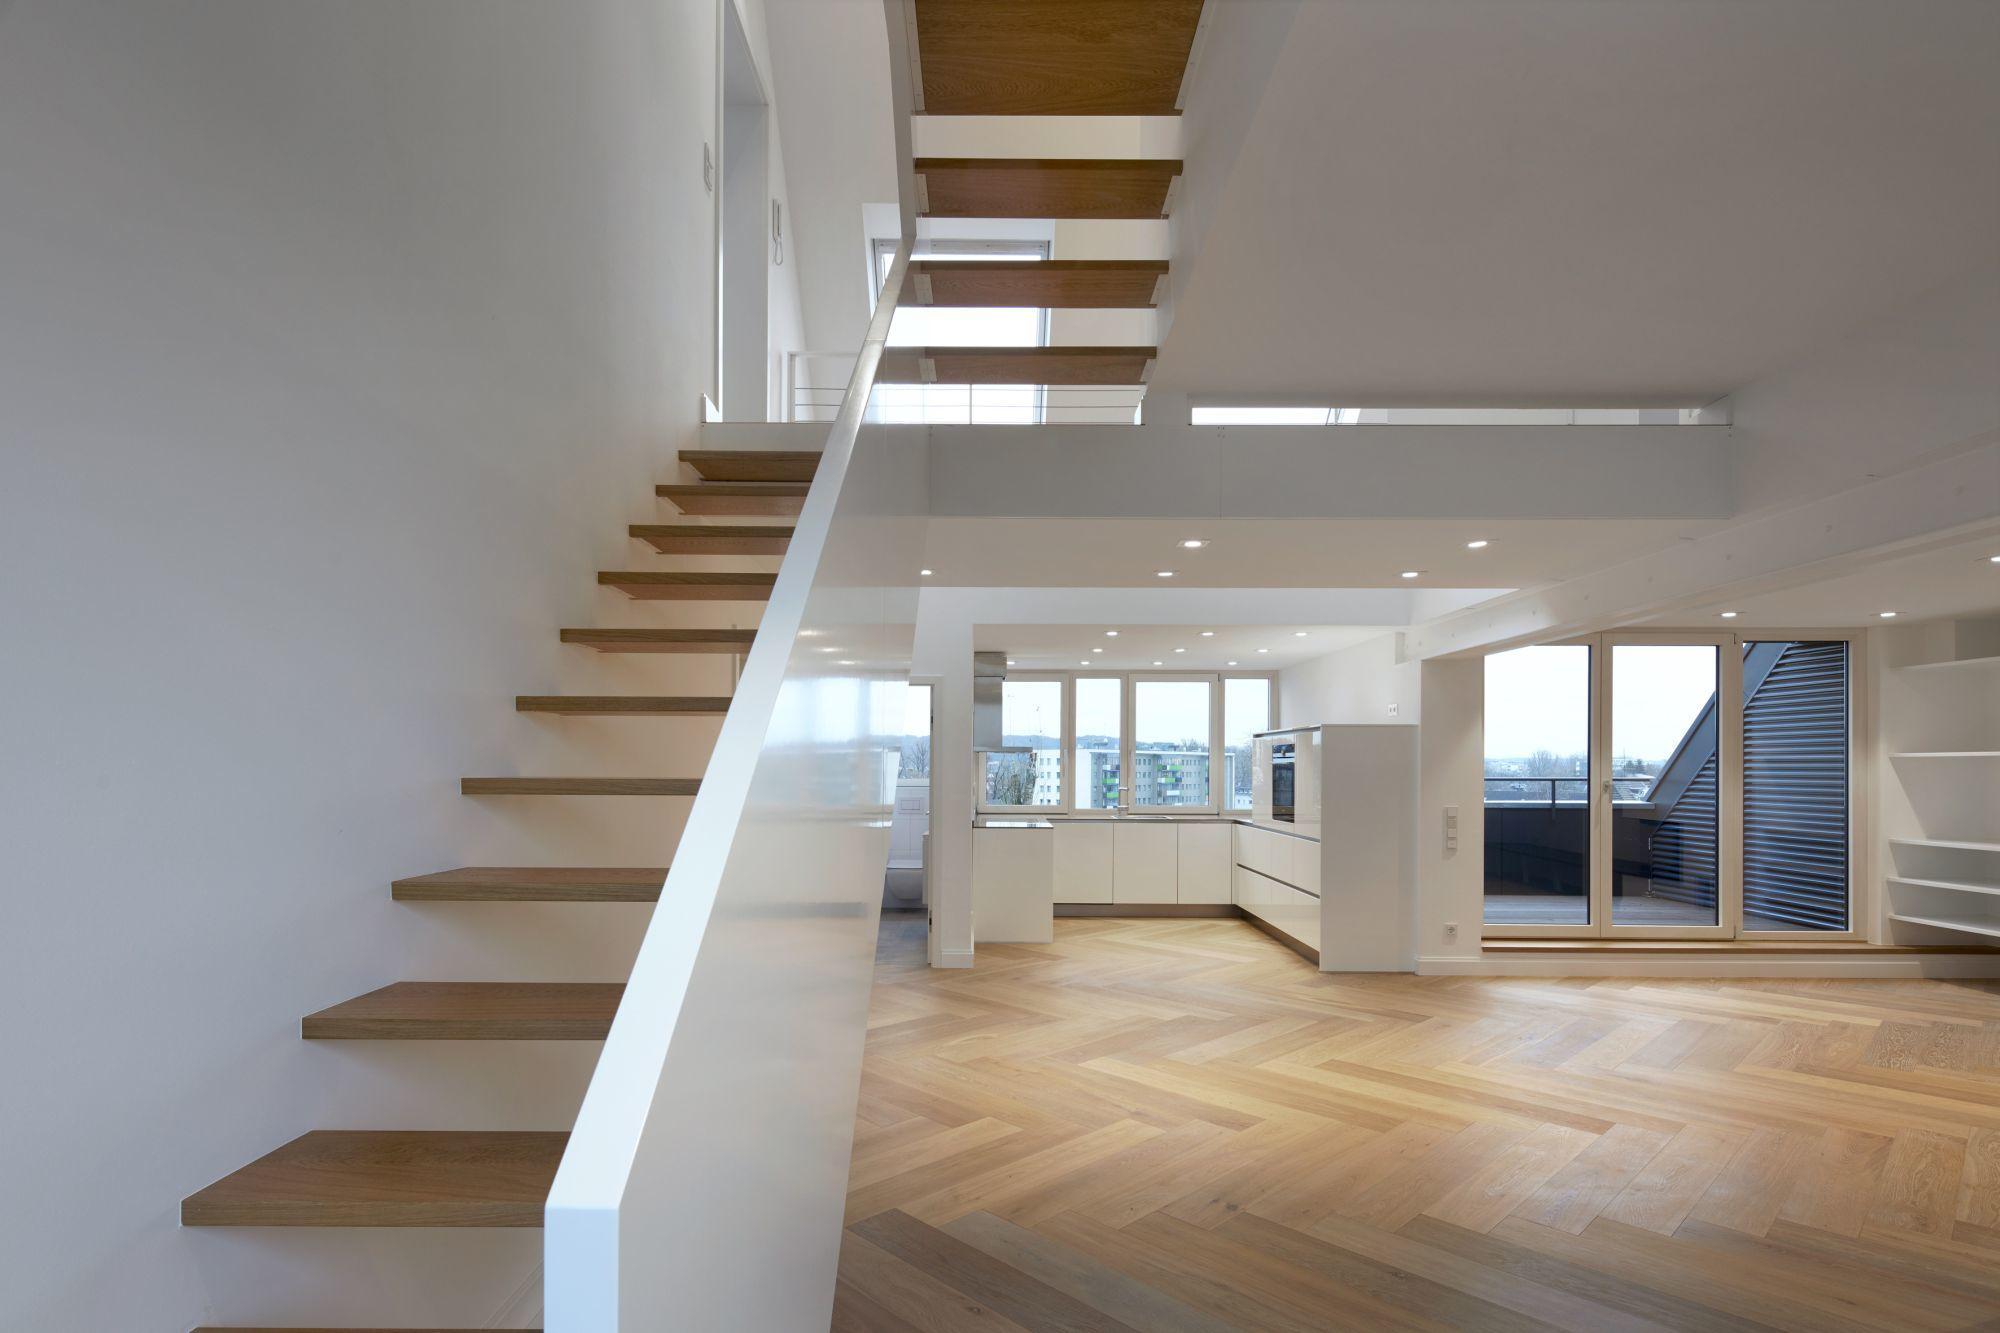 Düsseldorf Architekten pier7 architekten gmbh düsseldorf architekten baunetz